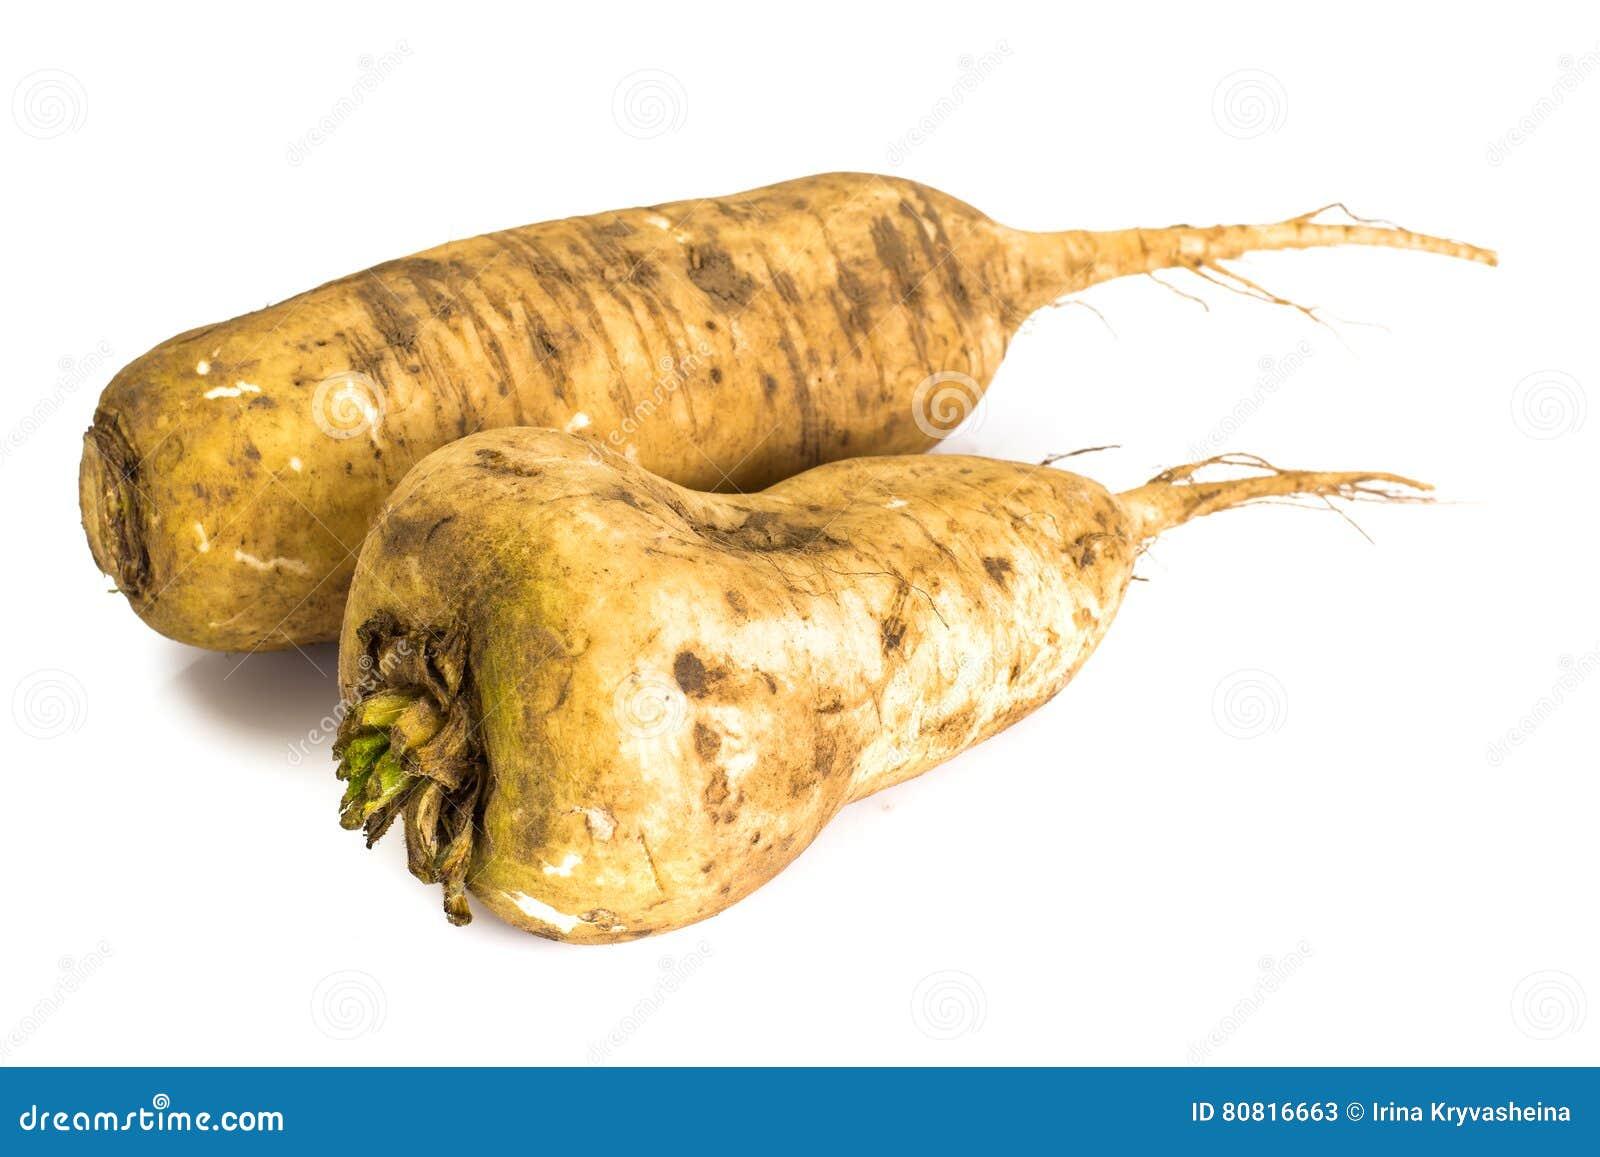 Овощ в попу фото, путаны ростова дорогие